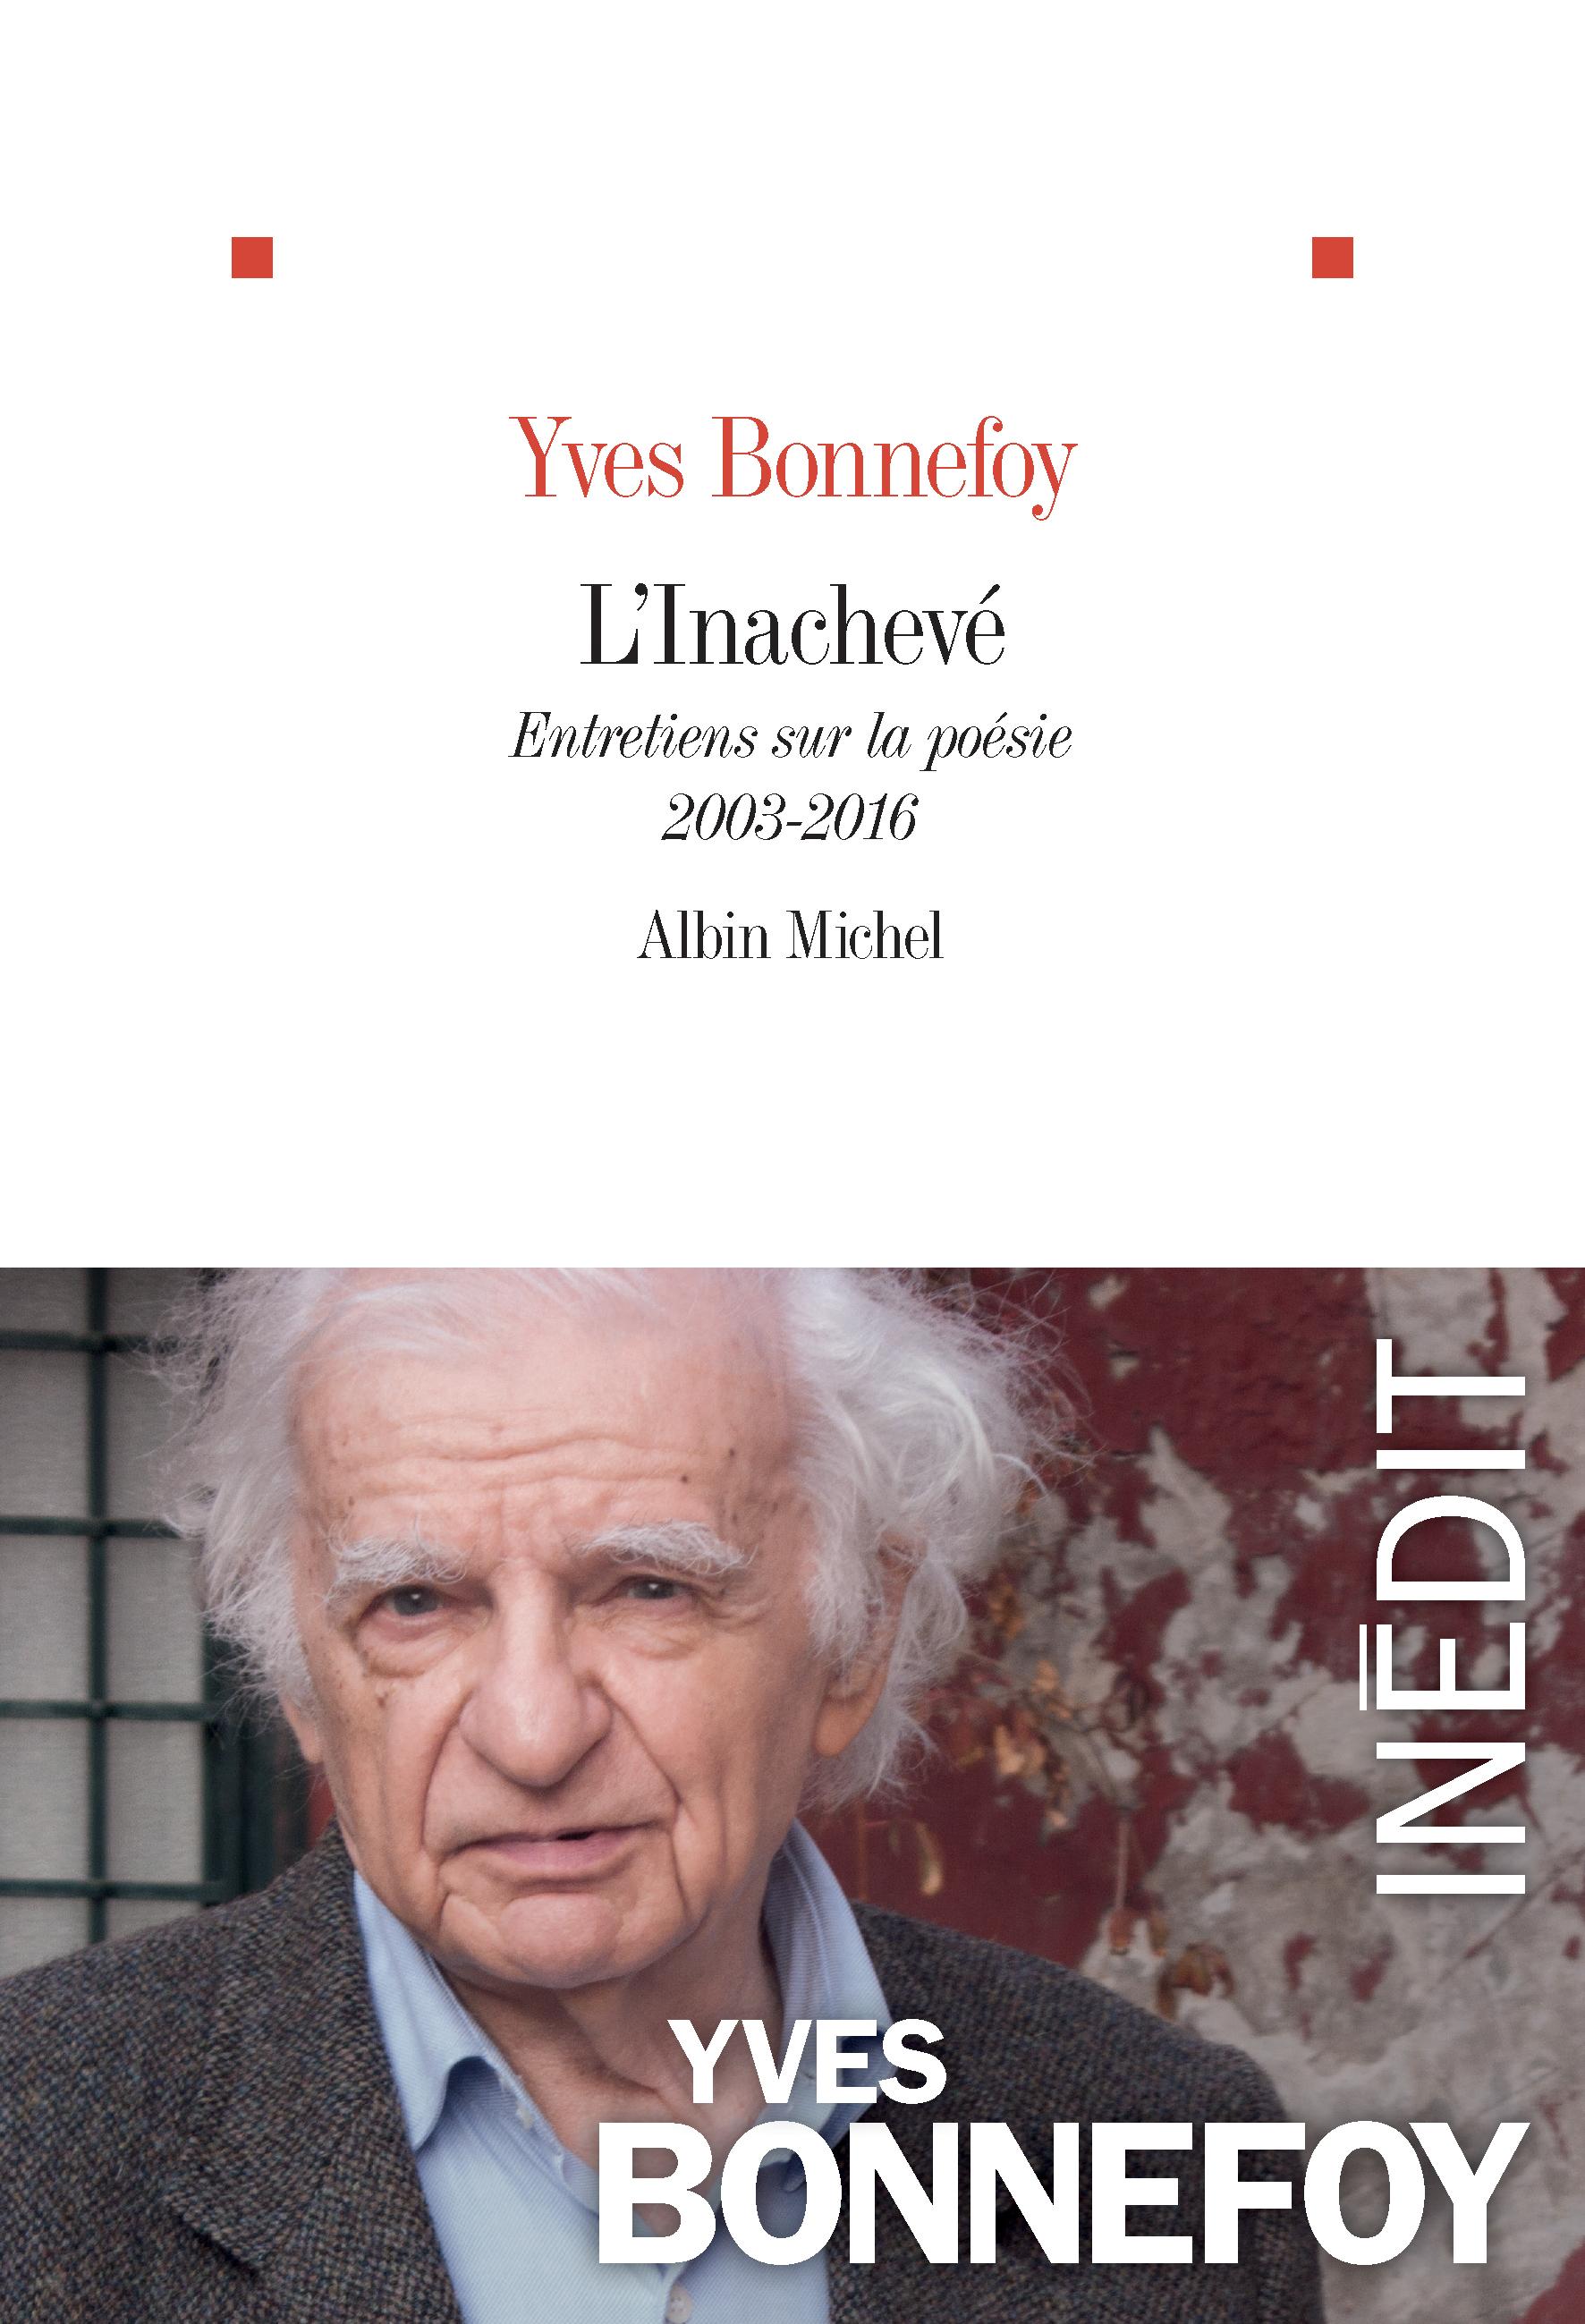 Y. Bonnefoy, L'inachevé. Entretiens sur la poésie (2003-2016)